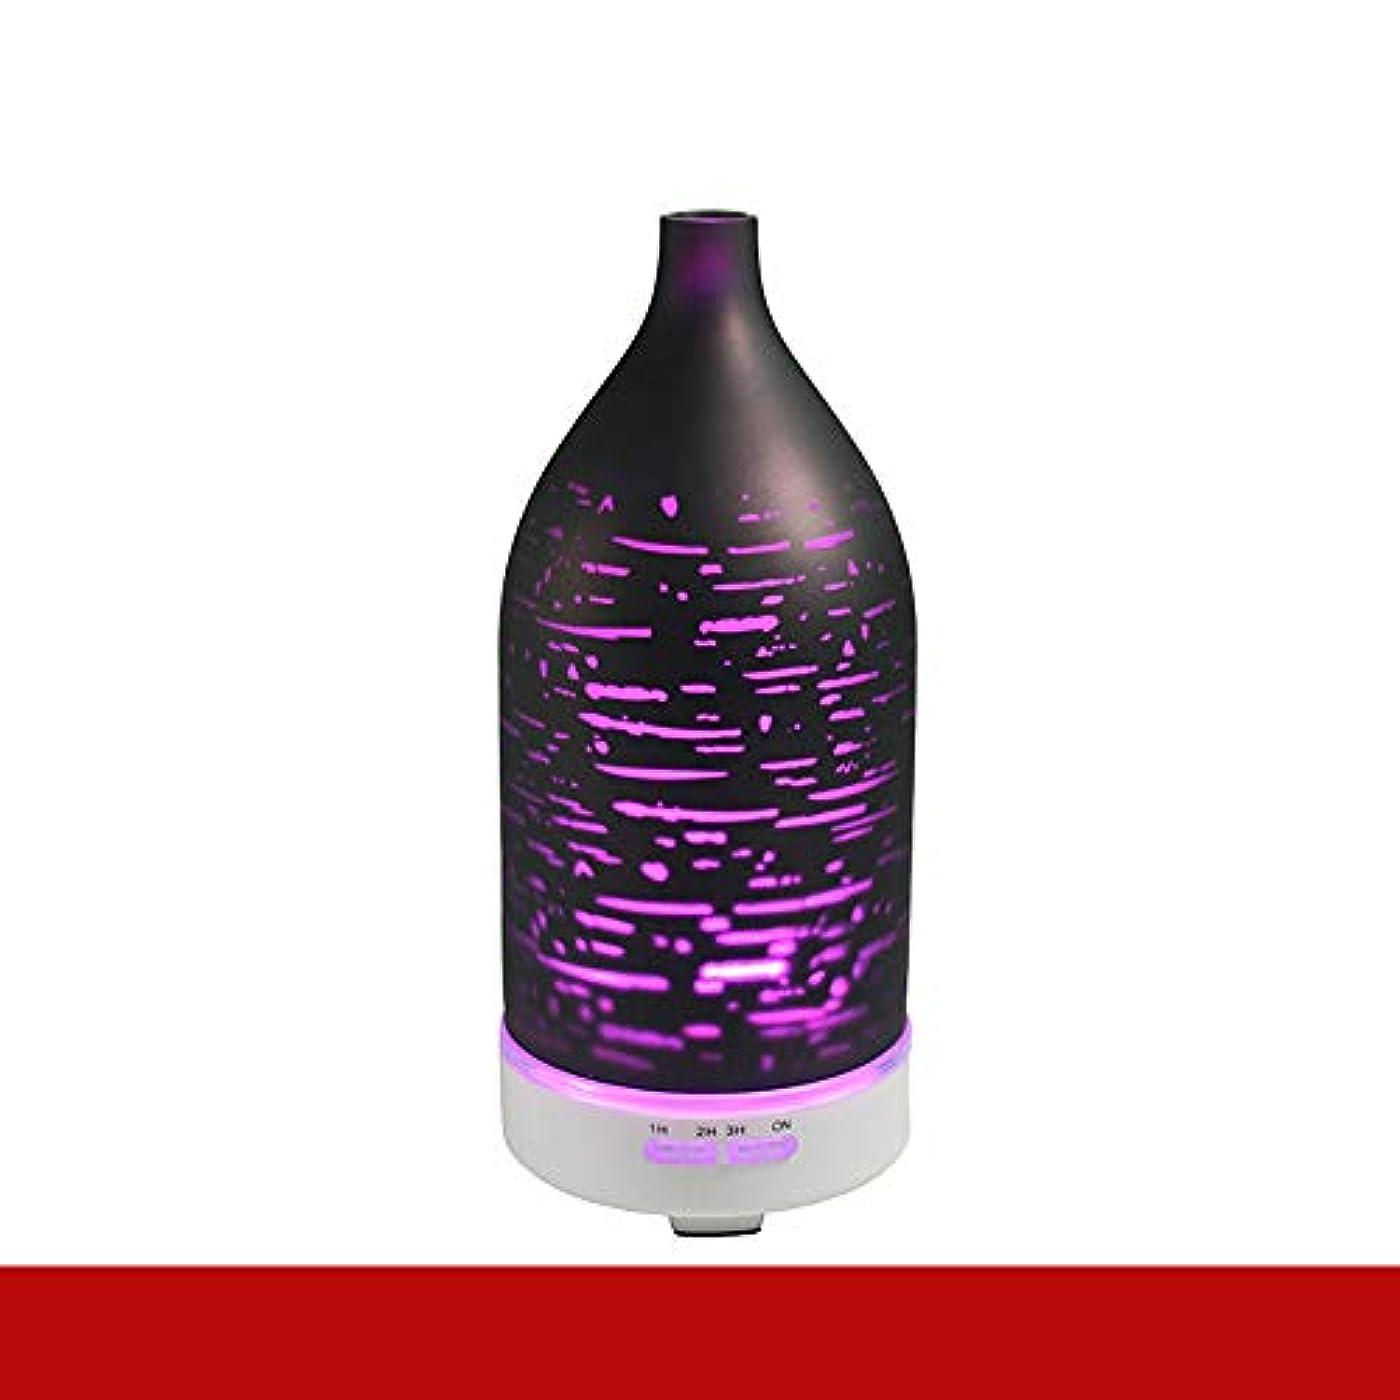 インゲン縫う潜在的なエッセンシャルオイルディフューザー電気超音波加湿器アロマセラピークールミスト加湿器空気清浄機7色 LED ライトホームベビールームベッドルームオフィス